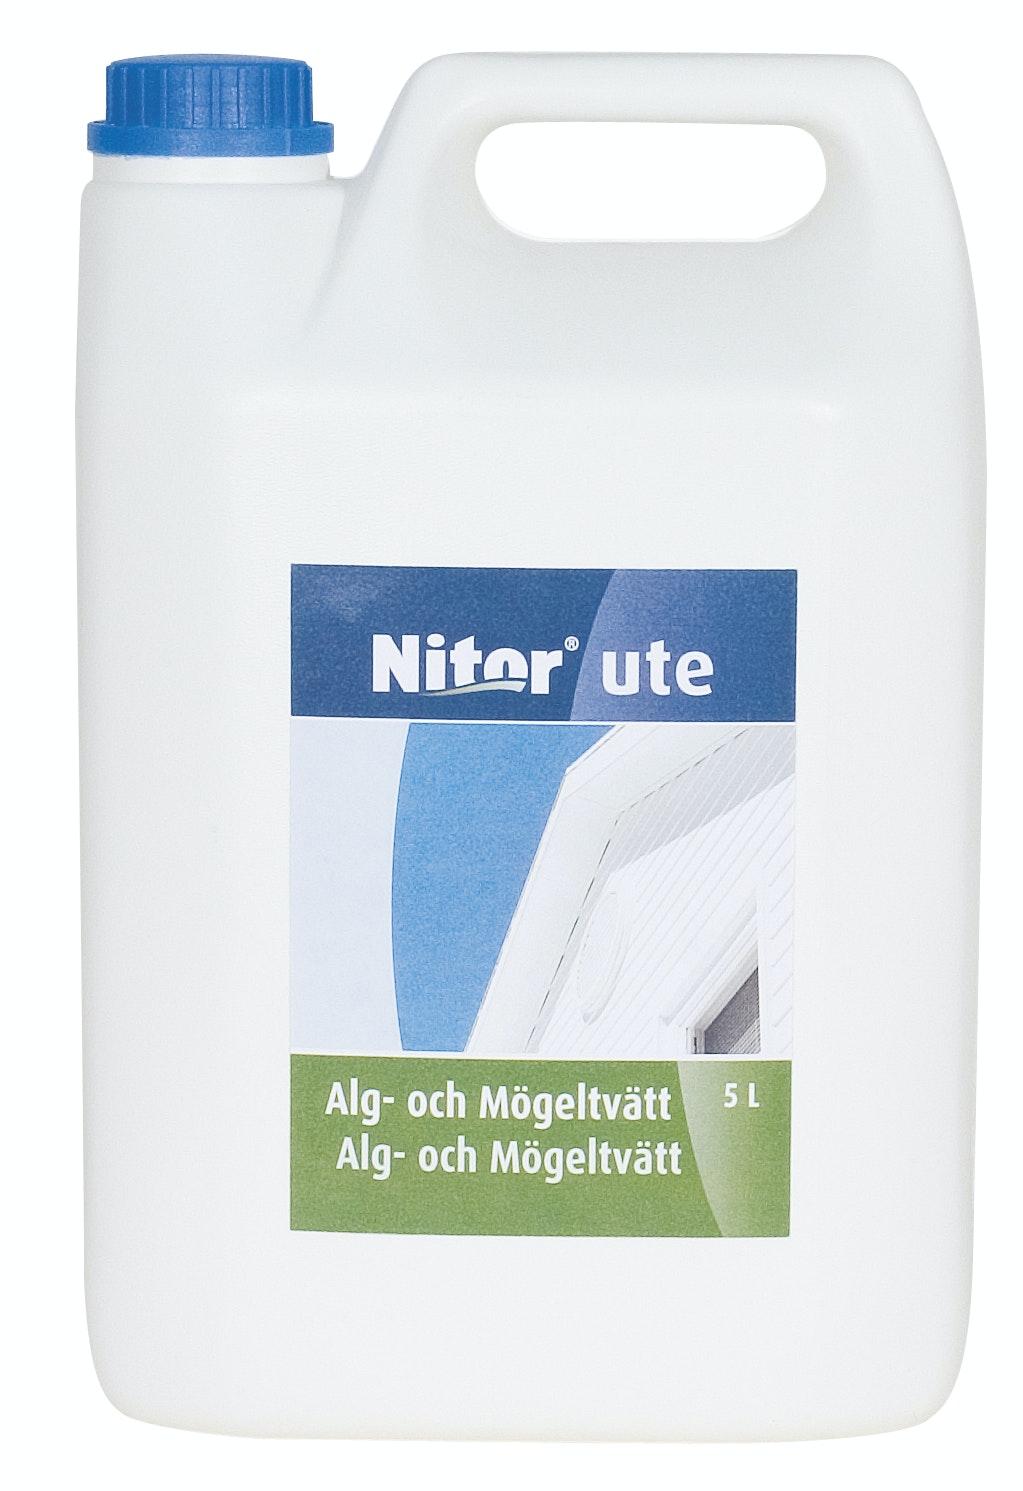 Fasadrengöring Nitor Alg- och Mögeltvätt Utomhus 5l